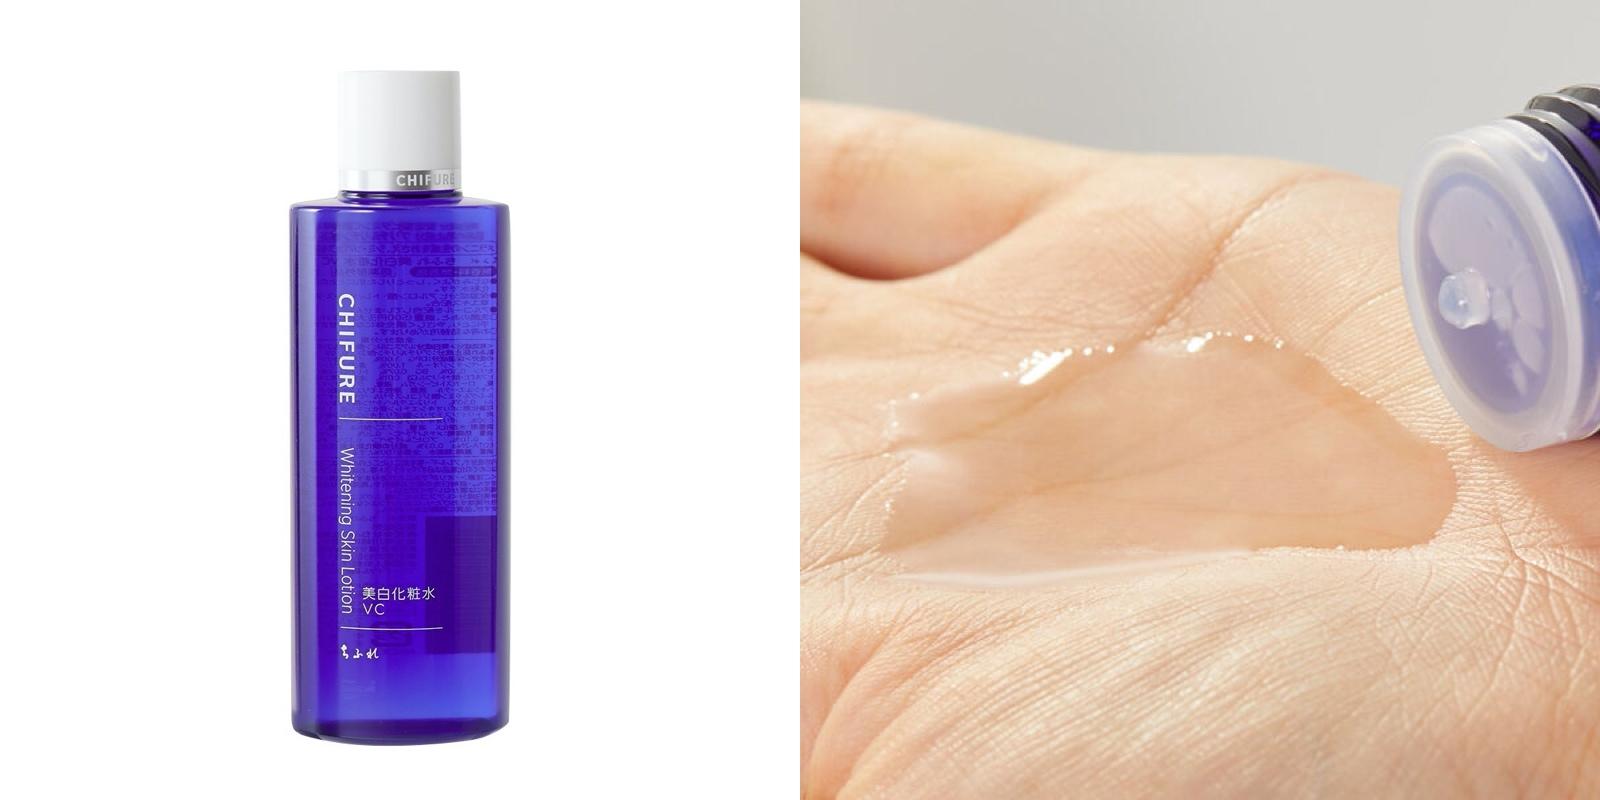 ちふれの化粧水全9種類を効果別にご紹介! お肌にもお財布にもやさしい♡ の画像